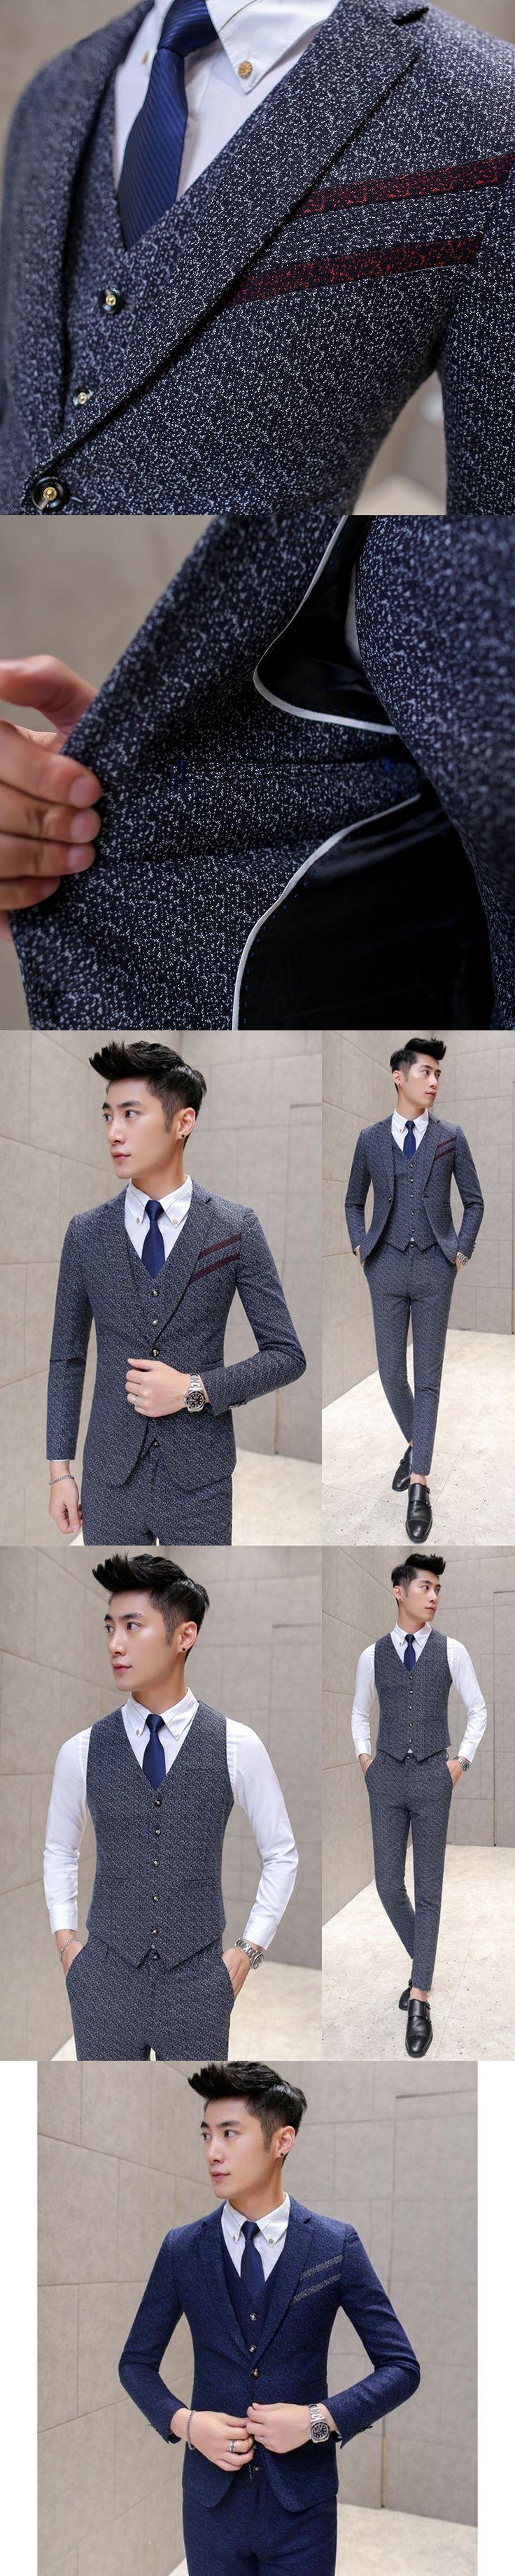 Men business suit mens suits with pants latest coat pant designs tuxedo wedding suits mens 3 piece suit